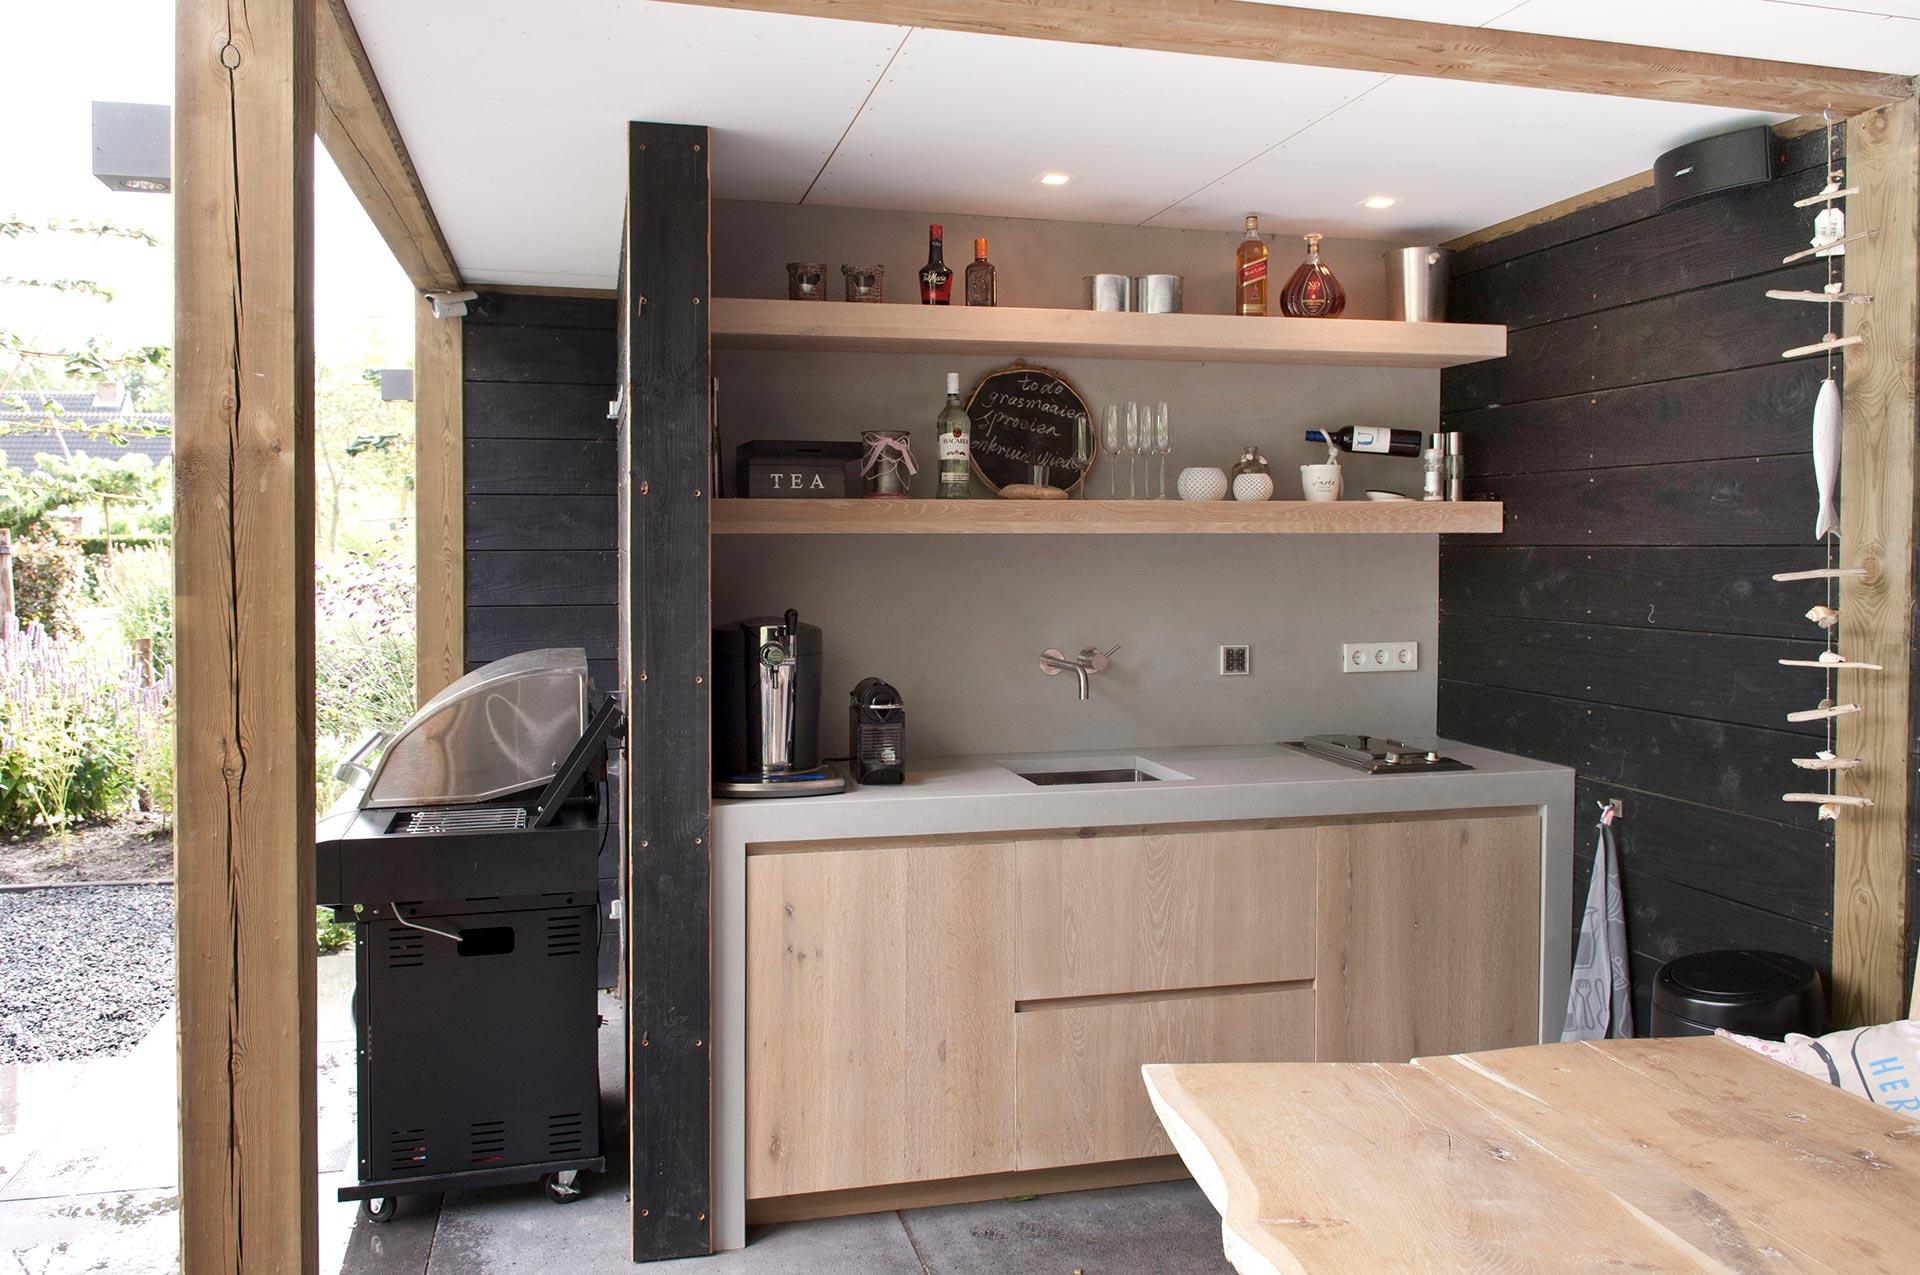 Keuken Aan Tuin : Keuken in de tuin